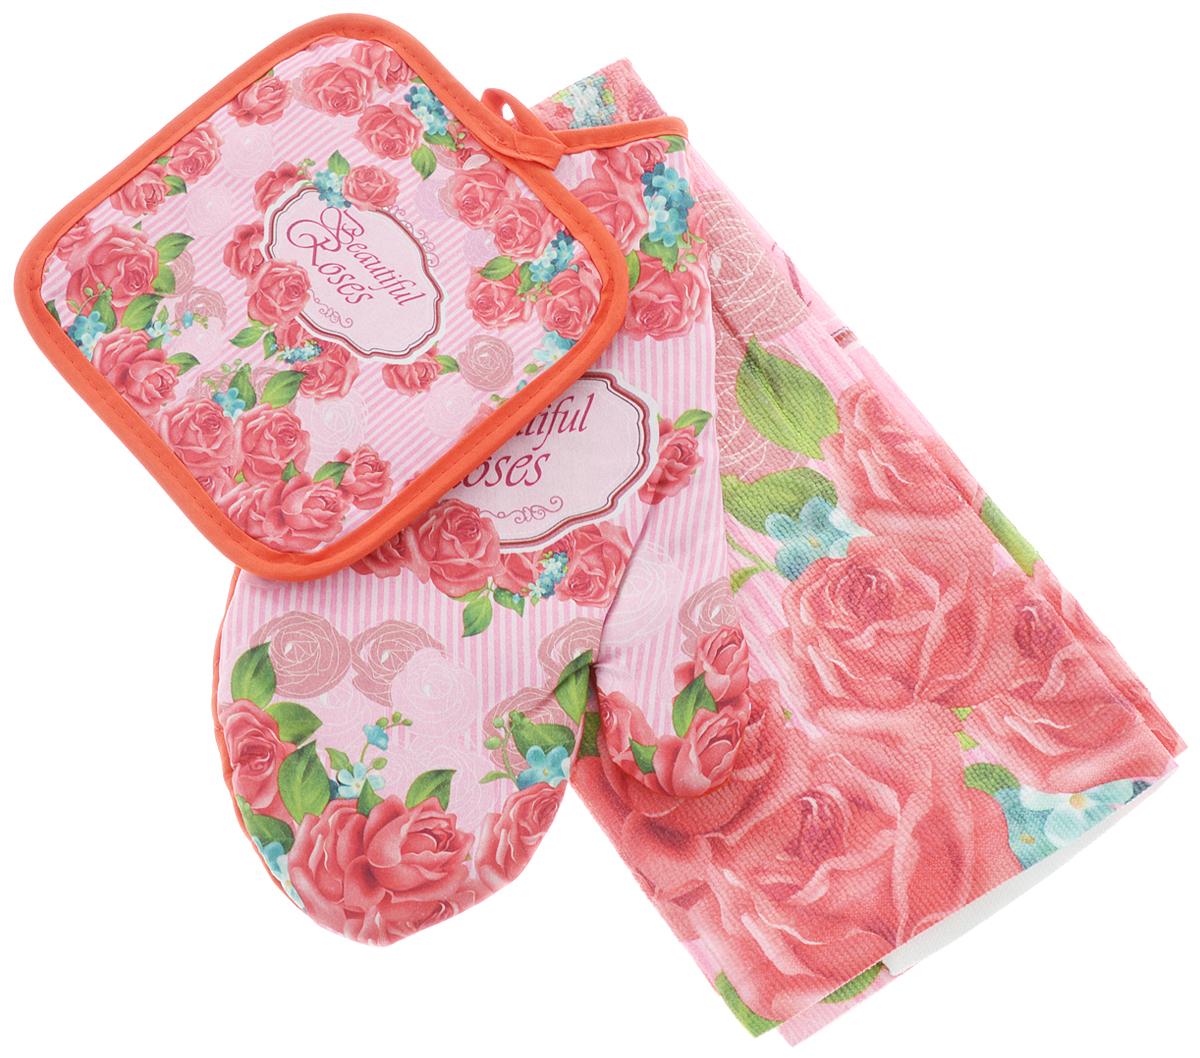 Комплект для кухни Soavita Роза, 3 предмета80611/XC FLS3Кухонный комплект Soavita Роза состоит из полотенца, прихватки и прихватки-варежки. Прихватка и прихватка-варежка изготовлены из 100% полиэстера, полотенце изготовлено из 80% полиэстера и 20% полиамида. Все изделия украшены ярким рисунком цветов. Комплект идеально дополнит интерьер вашей кухни и создаст атмосферу уюта и комфорта. Высочайшее качество материала гарантирует безопасность не только взрослых, но и самых маленьких членов семьи. Размер полотенца: 38 х 63 см. Размер прихватки: 17 х 17 см. Размер прихватки-варежки: 17 х 27 см.